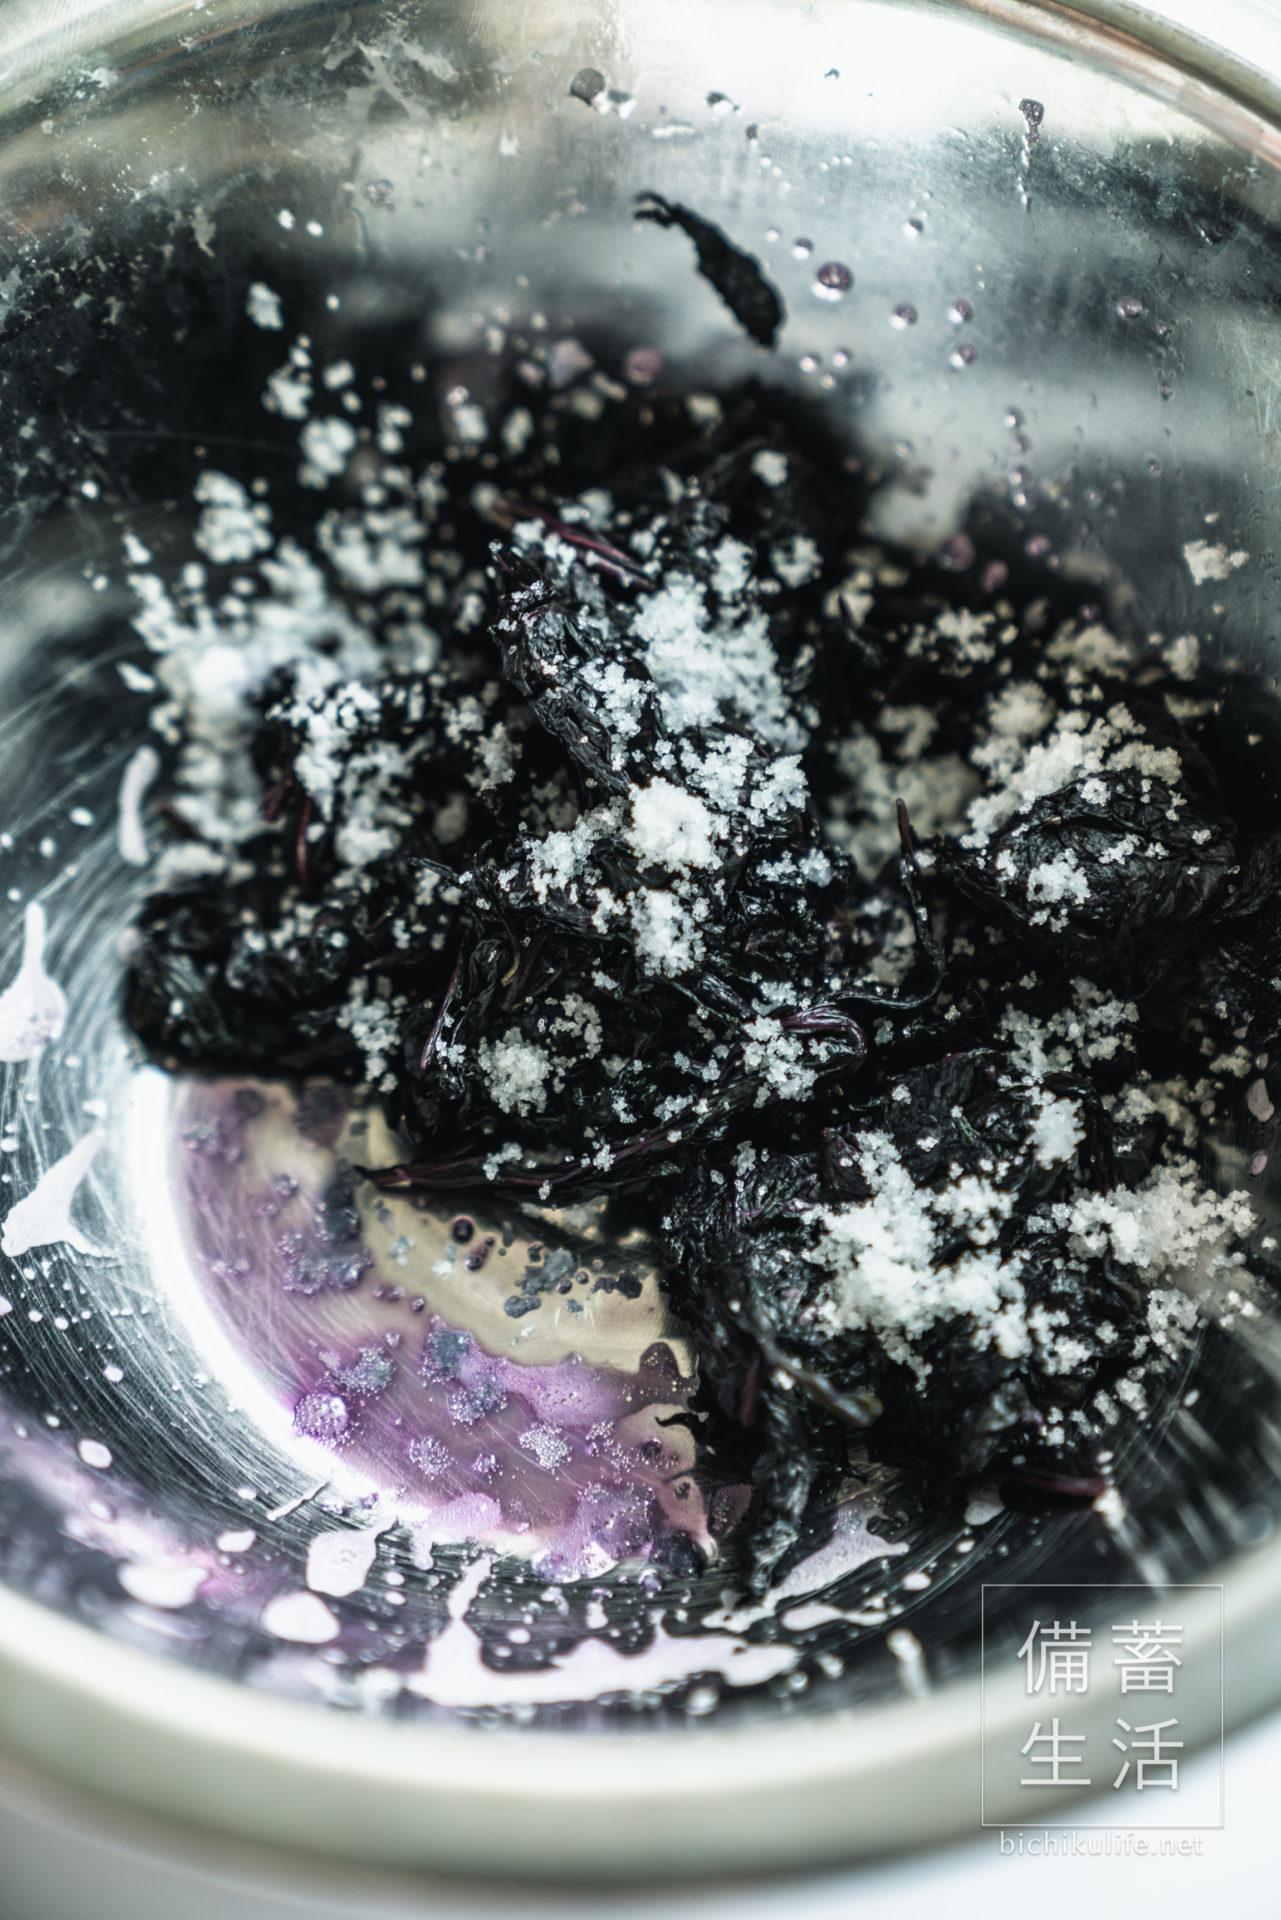 梅干しづくり 自家製梅干しを作るアイデア、赤じそを漬ける、赤じそを粗塩で揉む